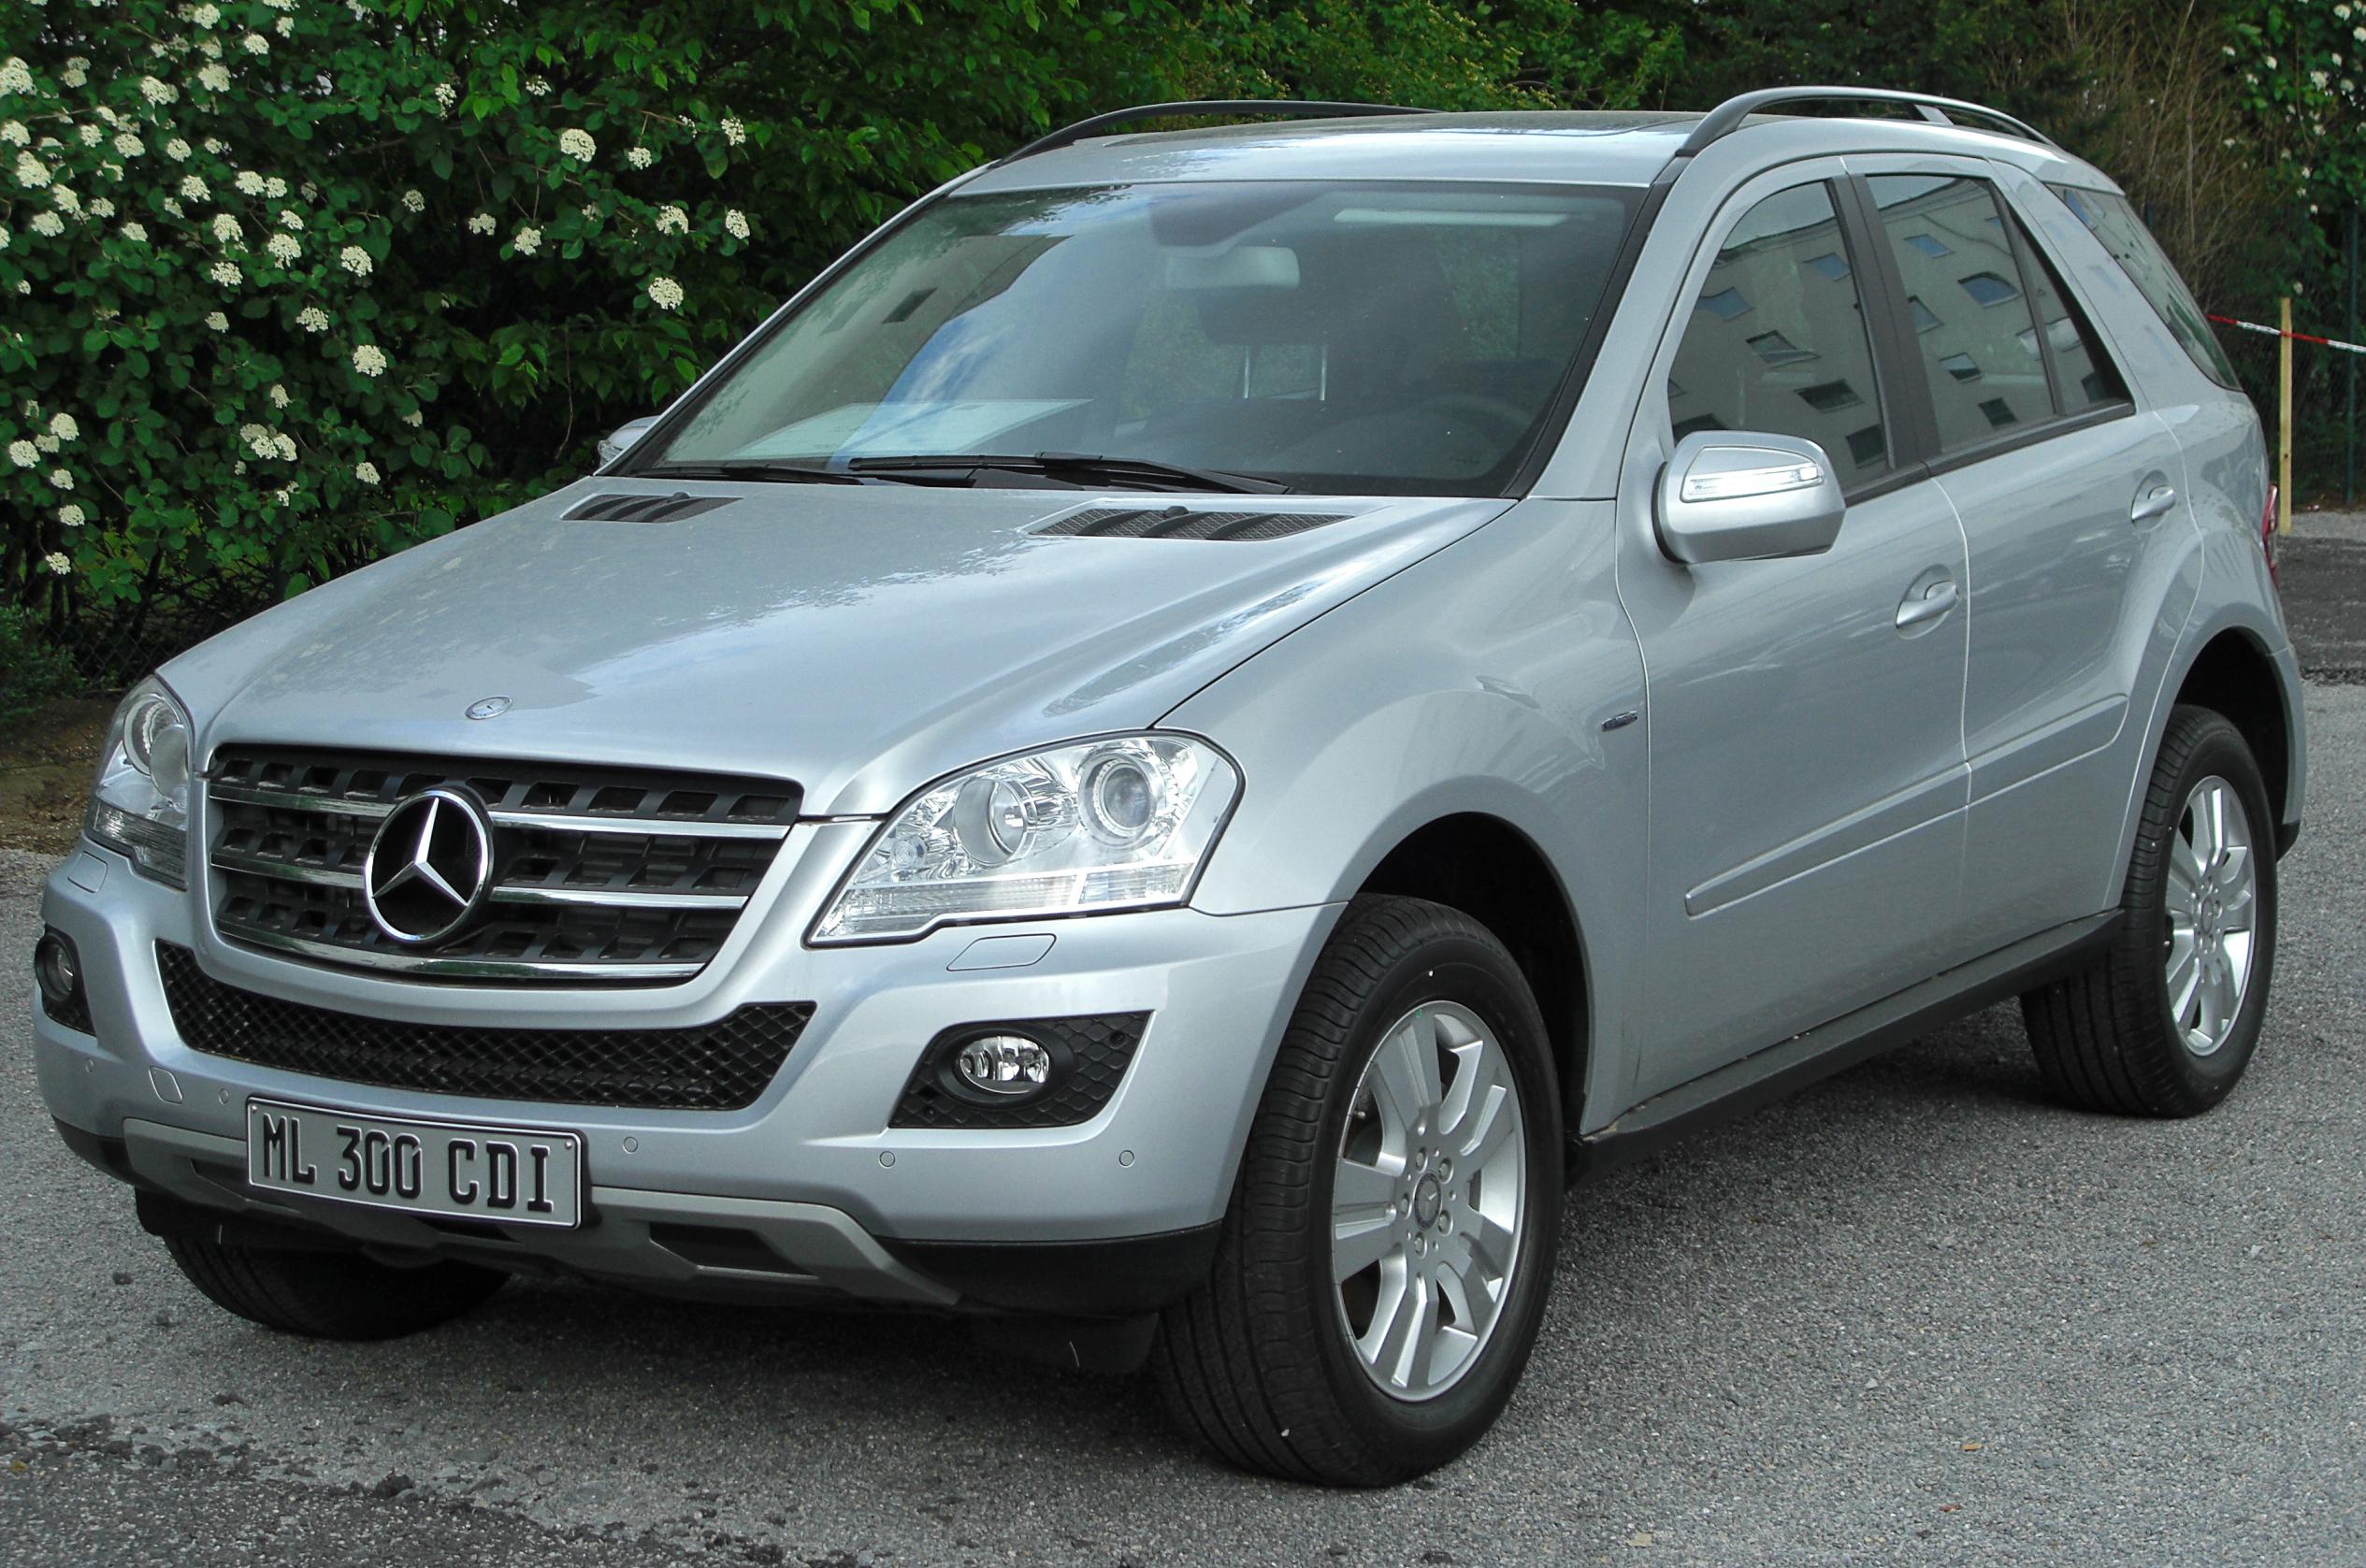 Mercedes-Benz 4MATIC ML300